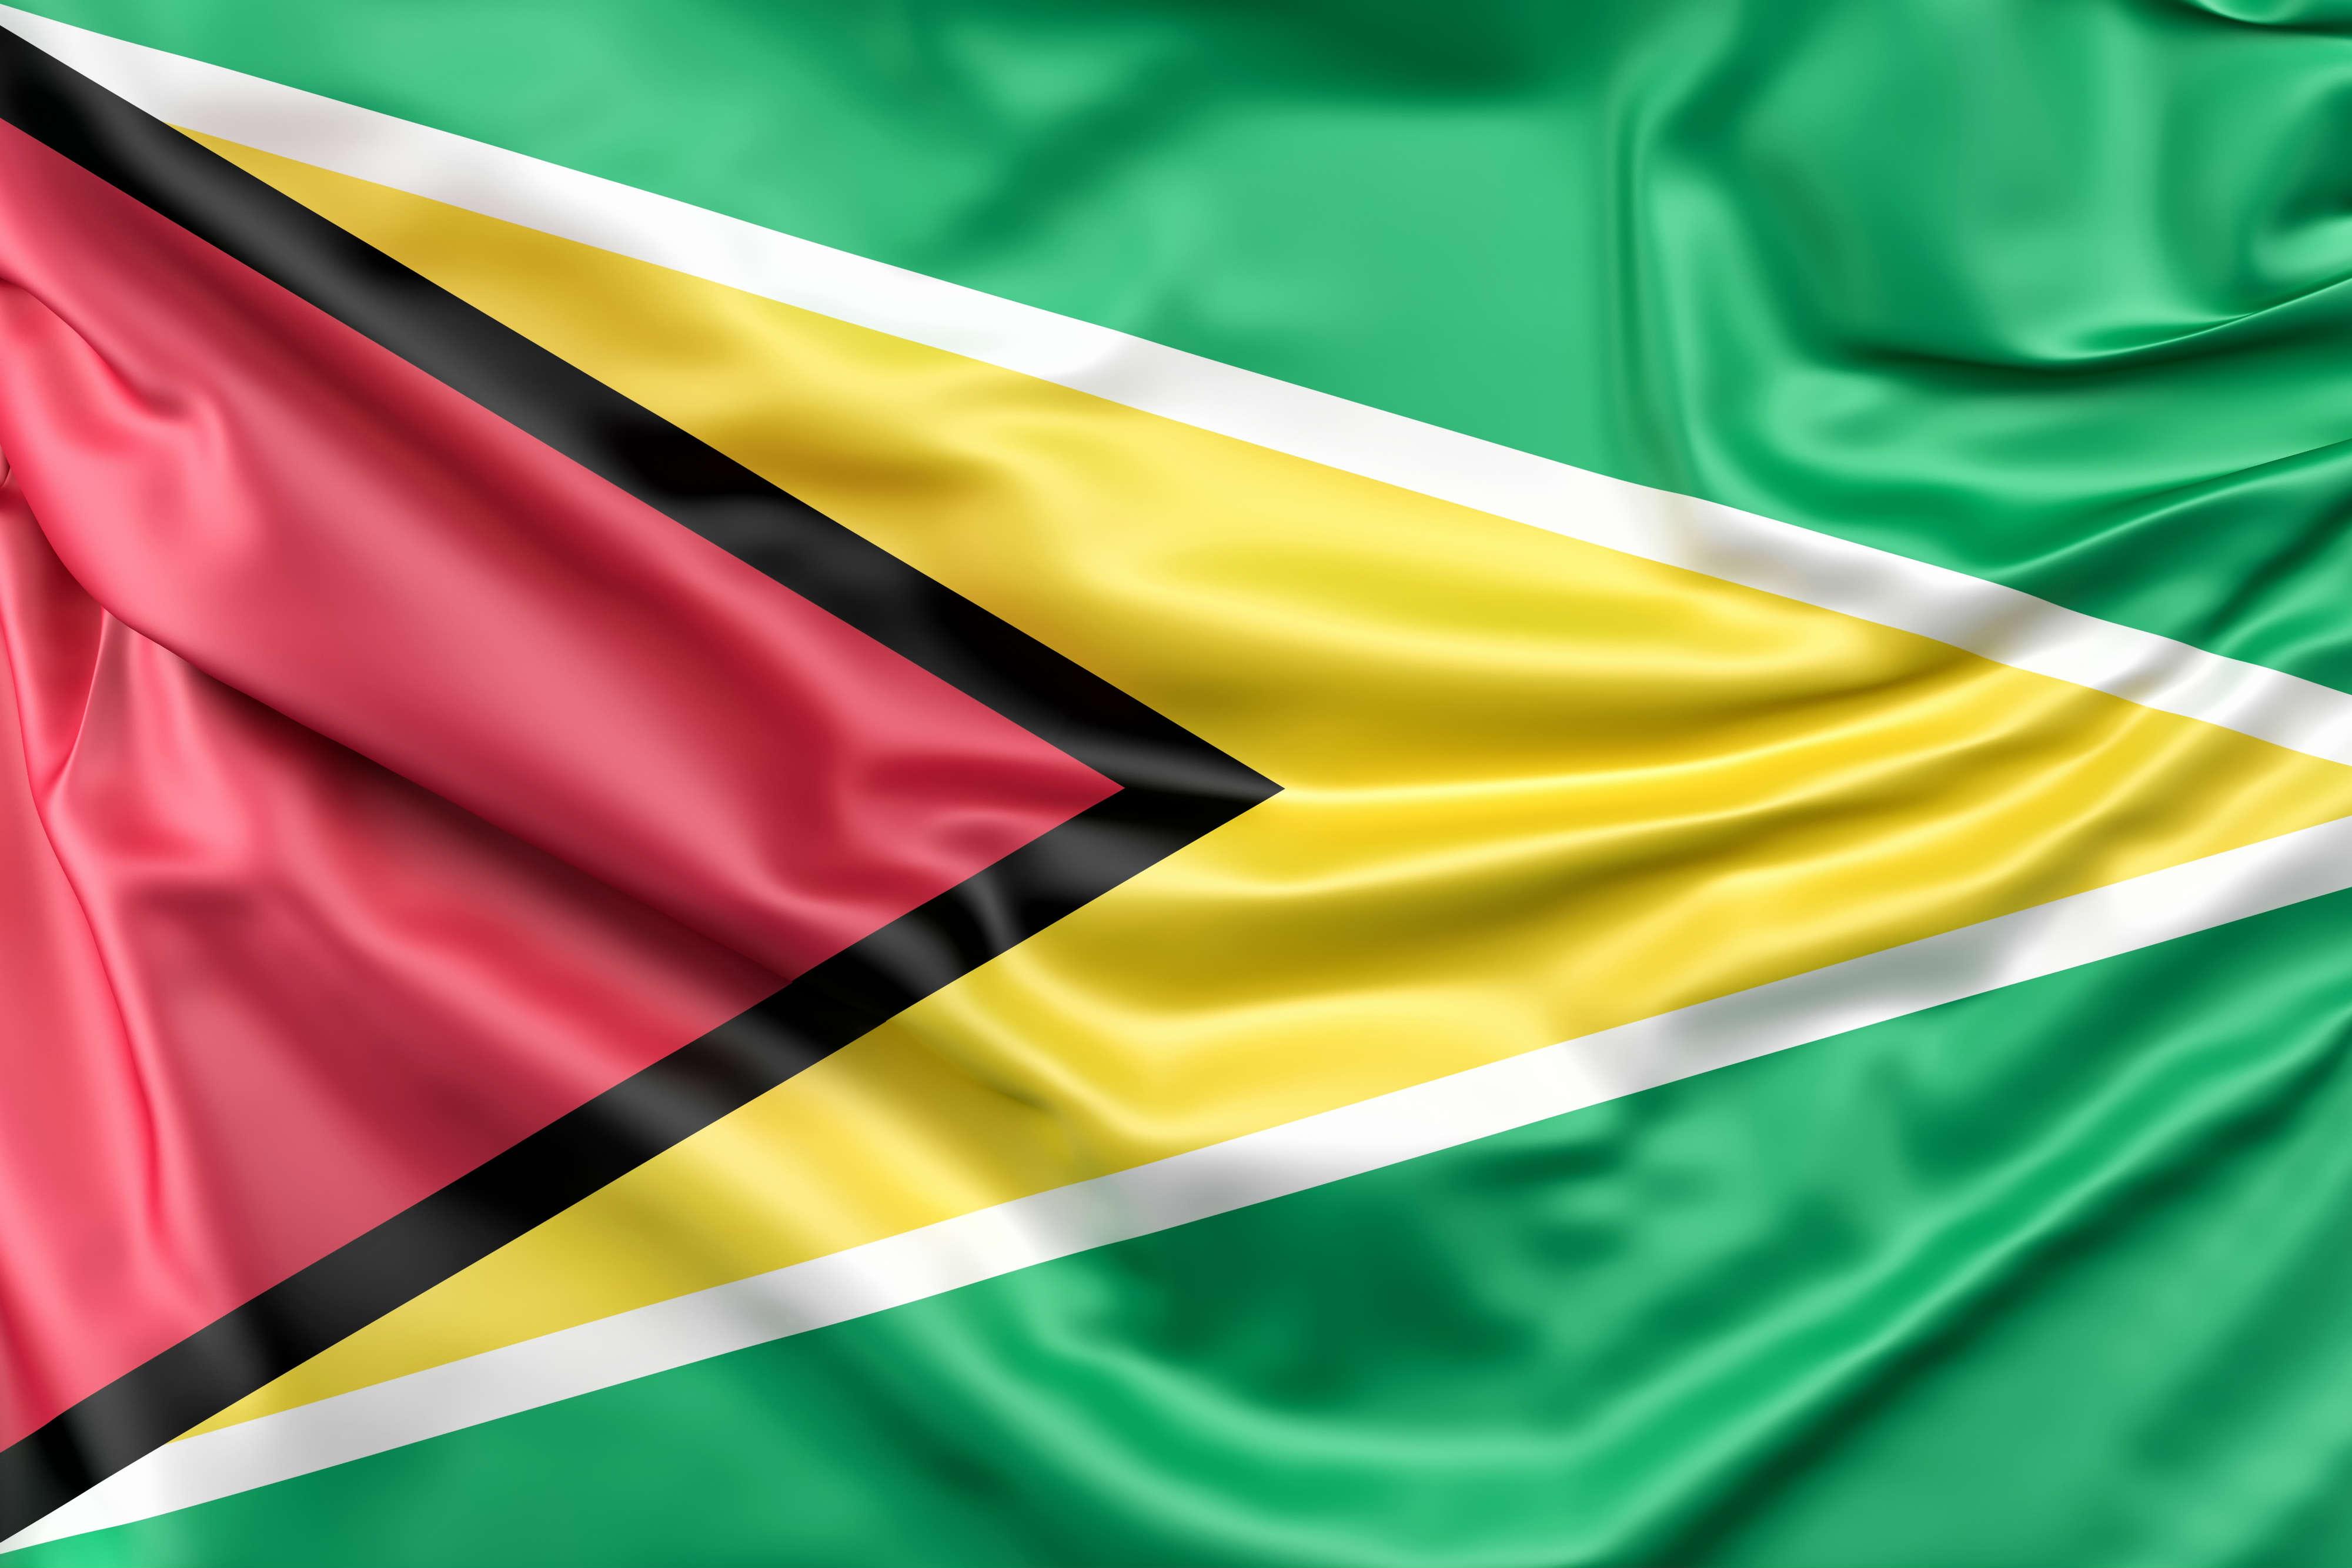 Delegação para a Guiana com Foco em Mineração e Indústria de Petróleo e Gás